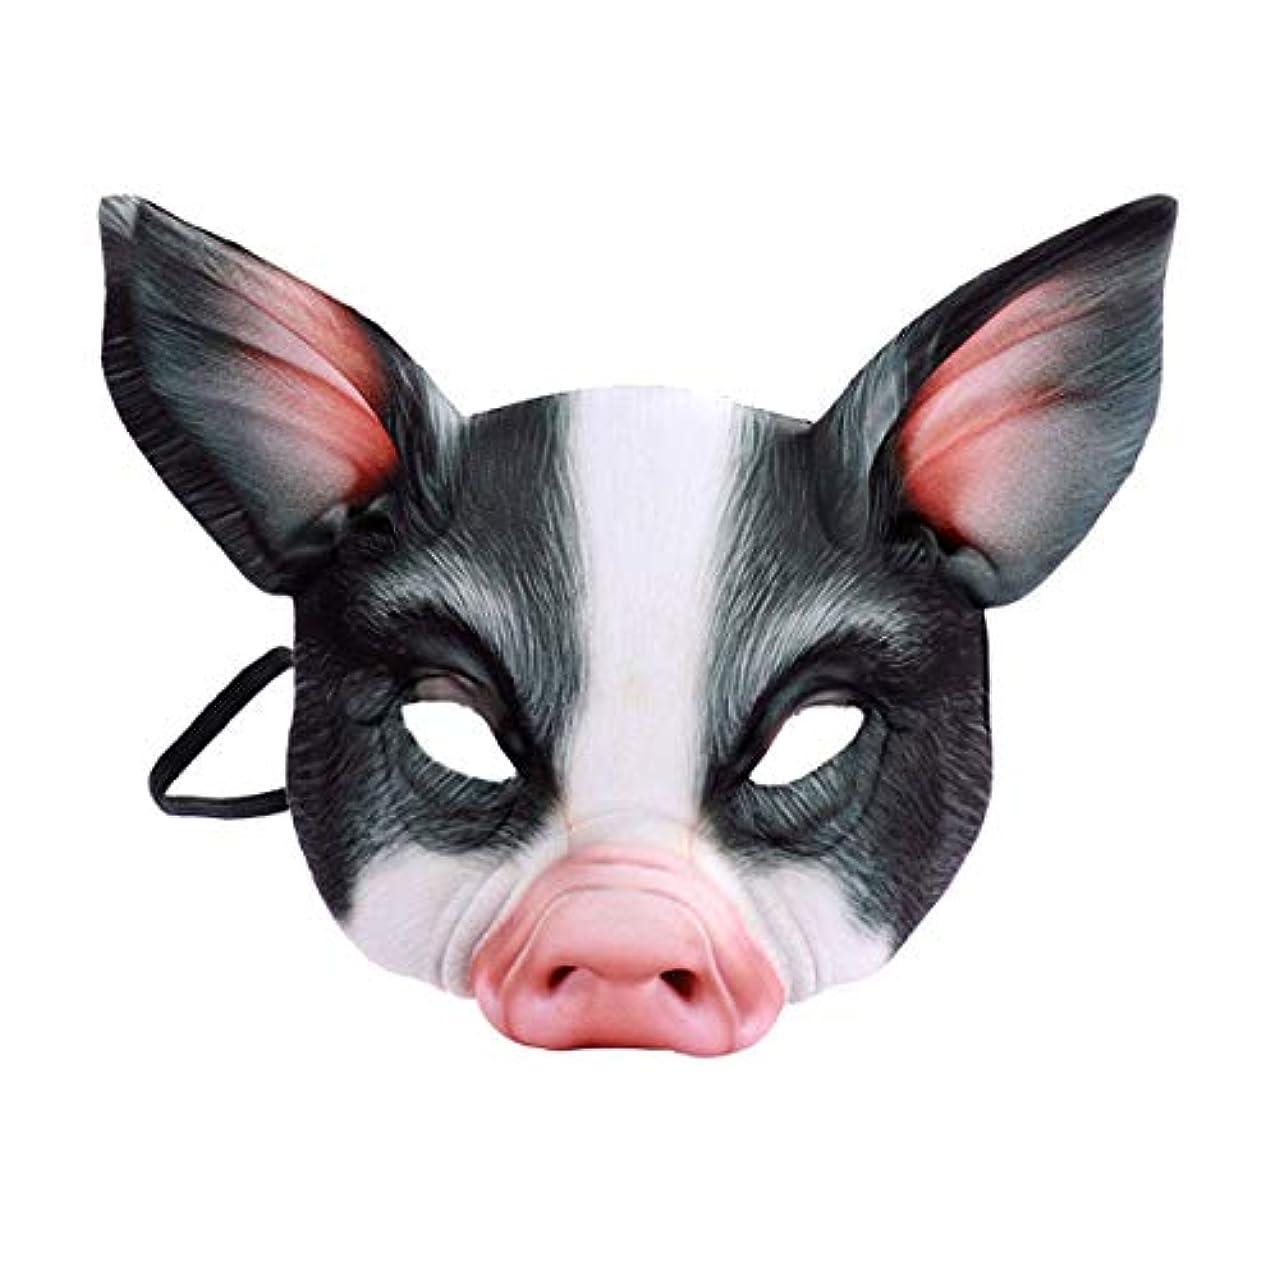 スローモディッシュ台風TOYMYTOY 動物マスク パーティーマスク 豚マスク コスプレ小物 仮装マスク 仮装 変装 お面 かぶりもの 仮装イベン アイテム お祭り 宴会 学園祭 ブラック